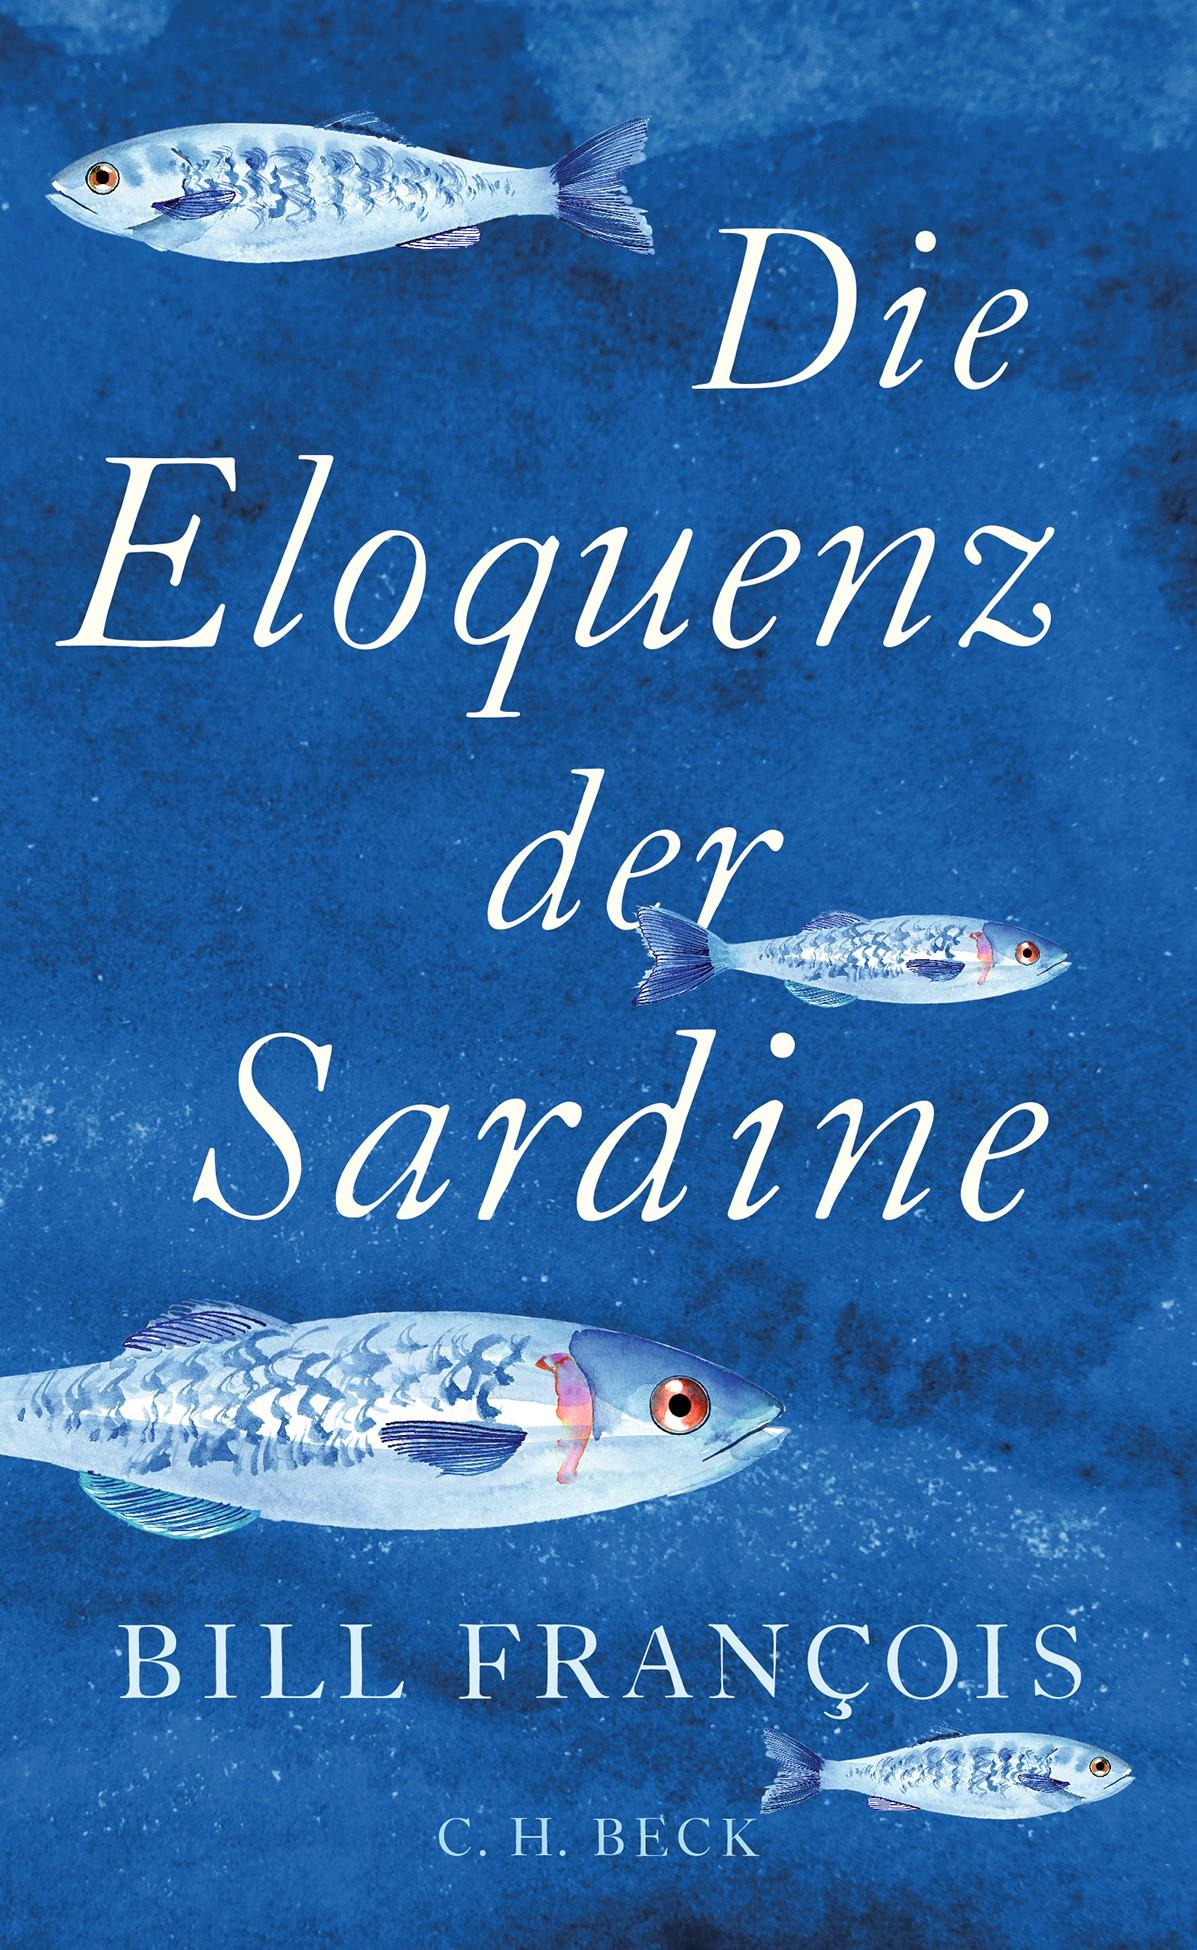 Die-Eloquenz-der-Sardine